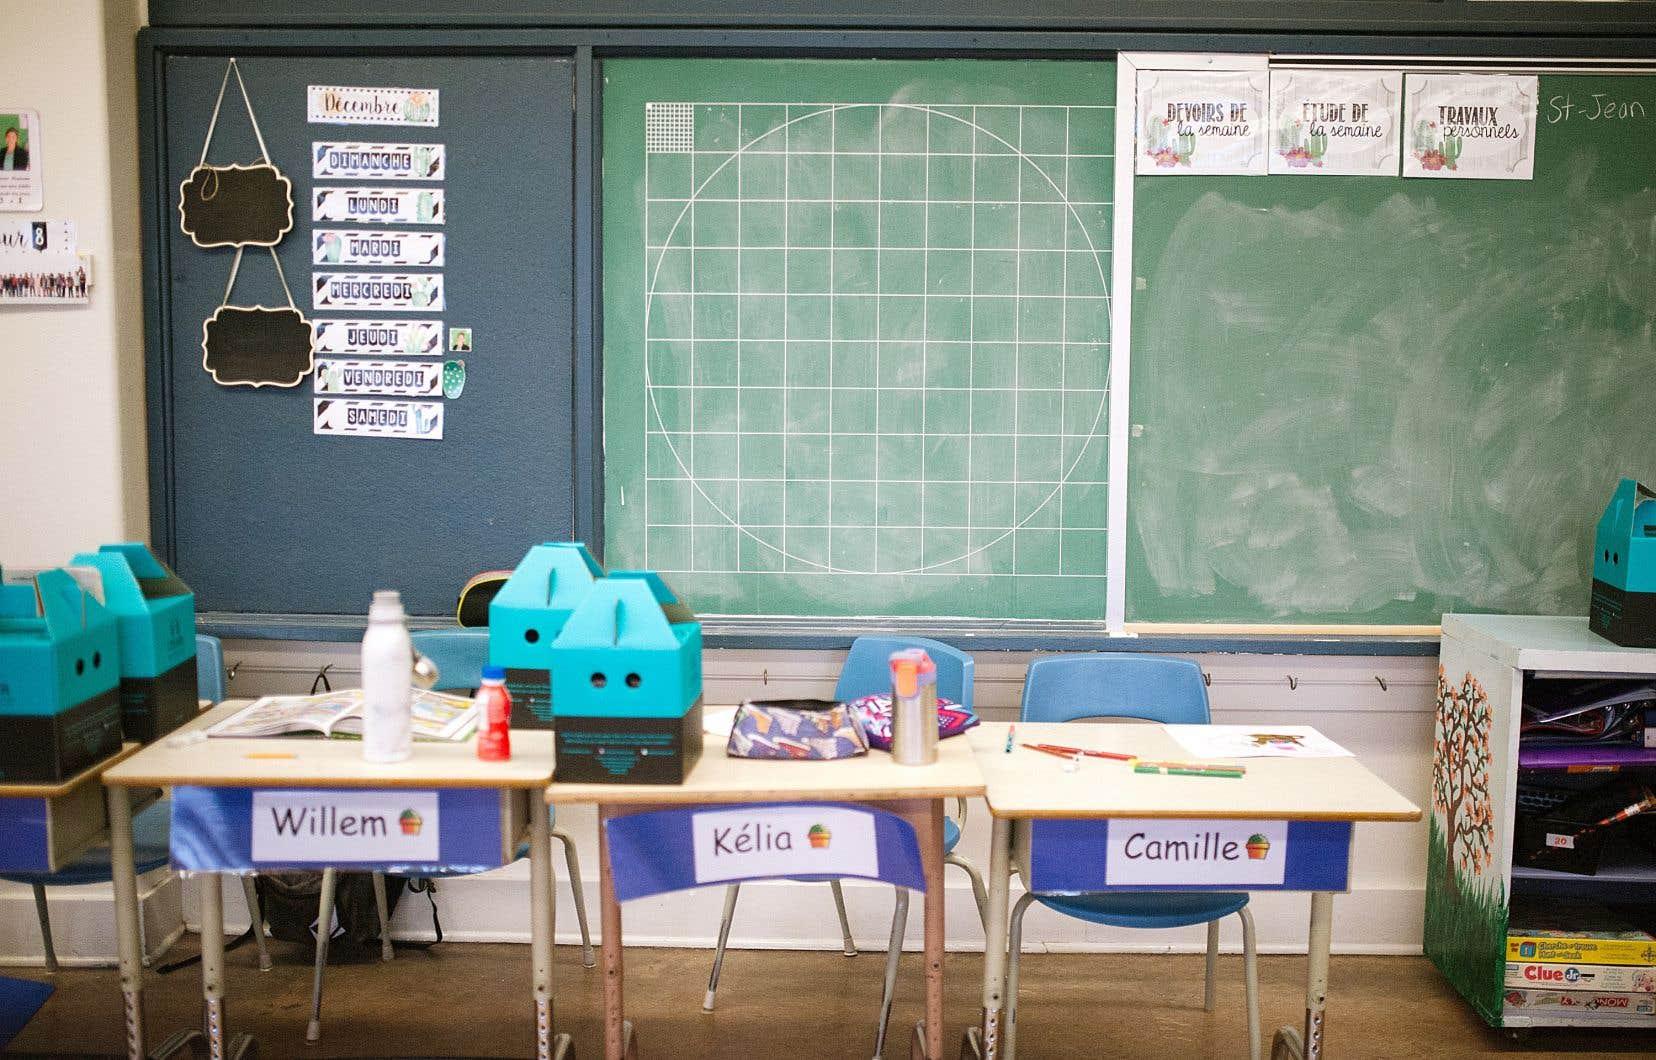 De nombreuses provinces n'ont pas encore décidé si elles rouvriront les écoles et, si elles le font, si ce sera à temps plein ou avec un type de modèle hybride impliquant un enseignement en classe, possiblement renforcé par des cours en ligne.